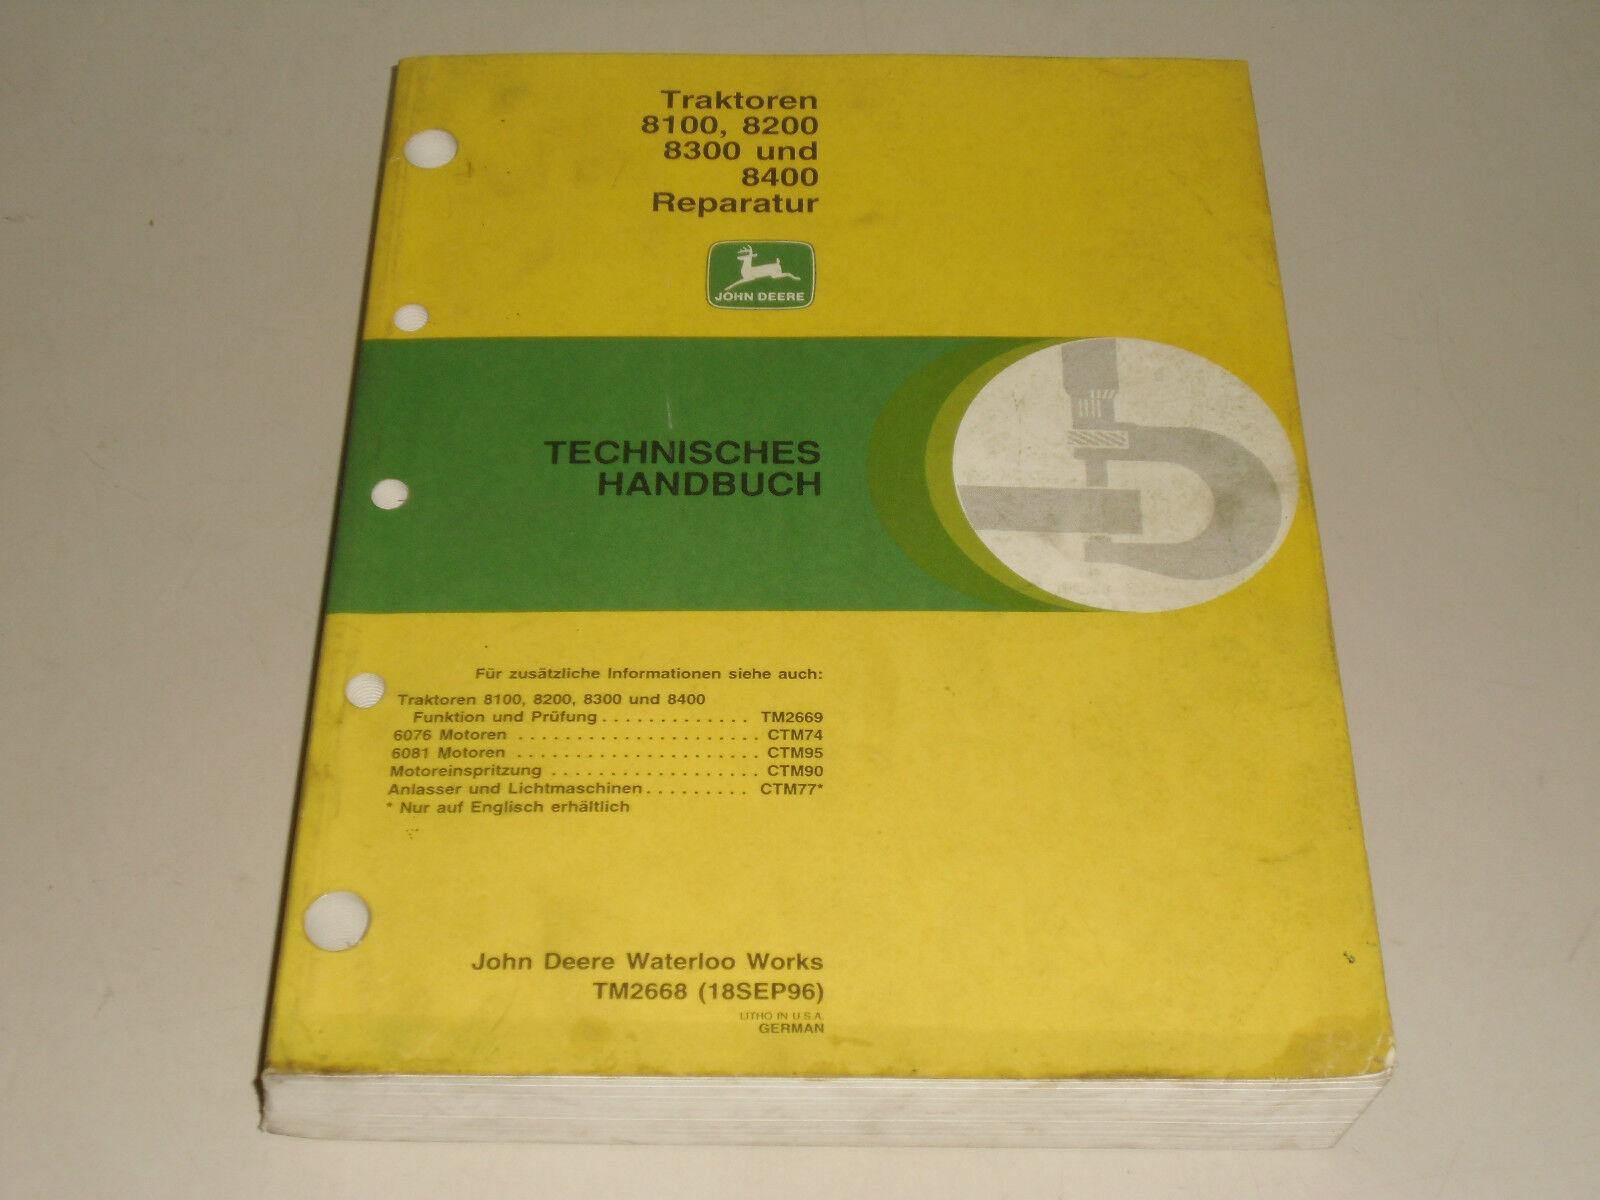 Workshop Manual Repair Manual John Deere Tractor 8100 8200 8300 8400 | eBay